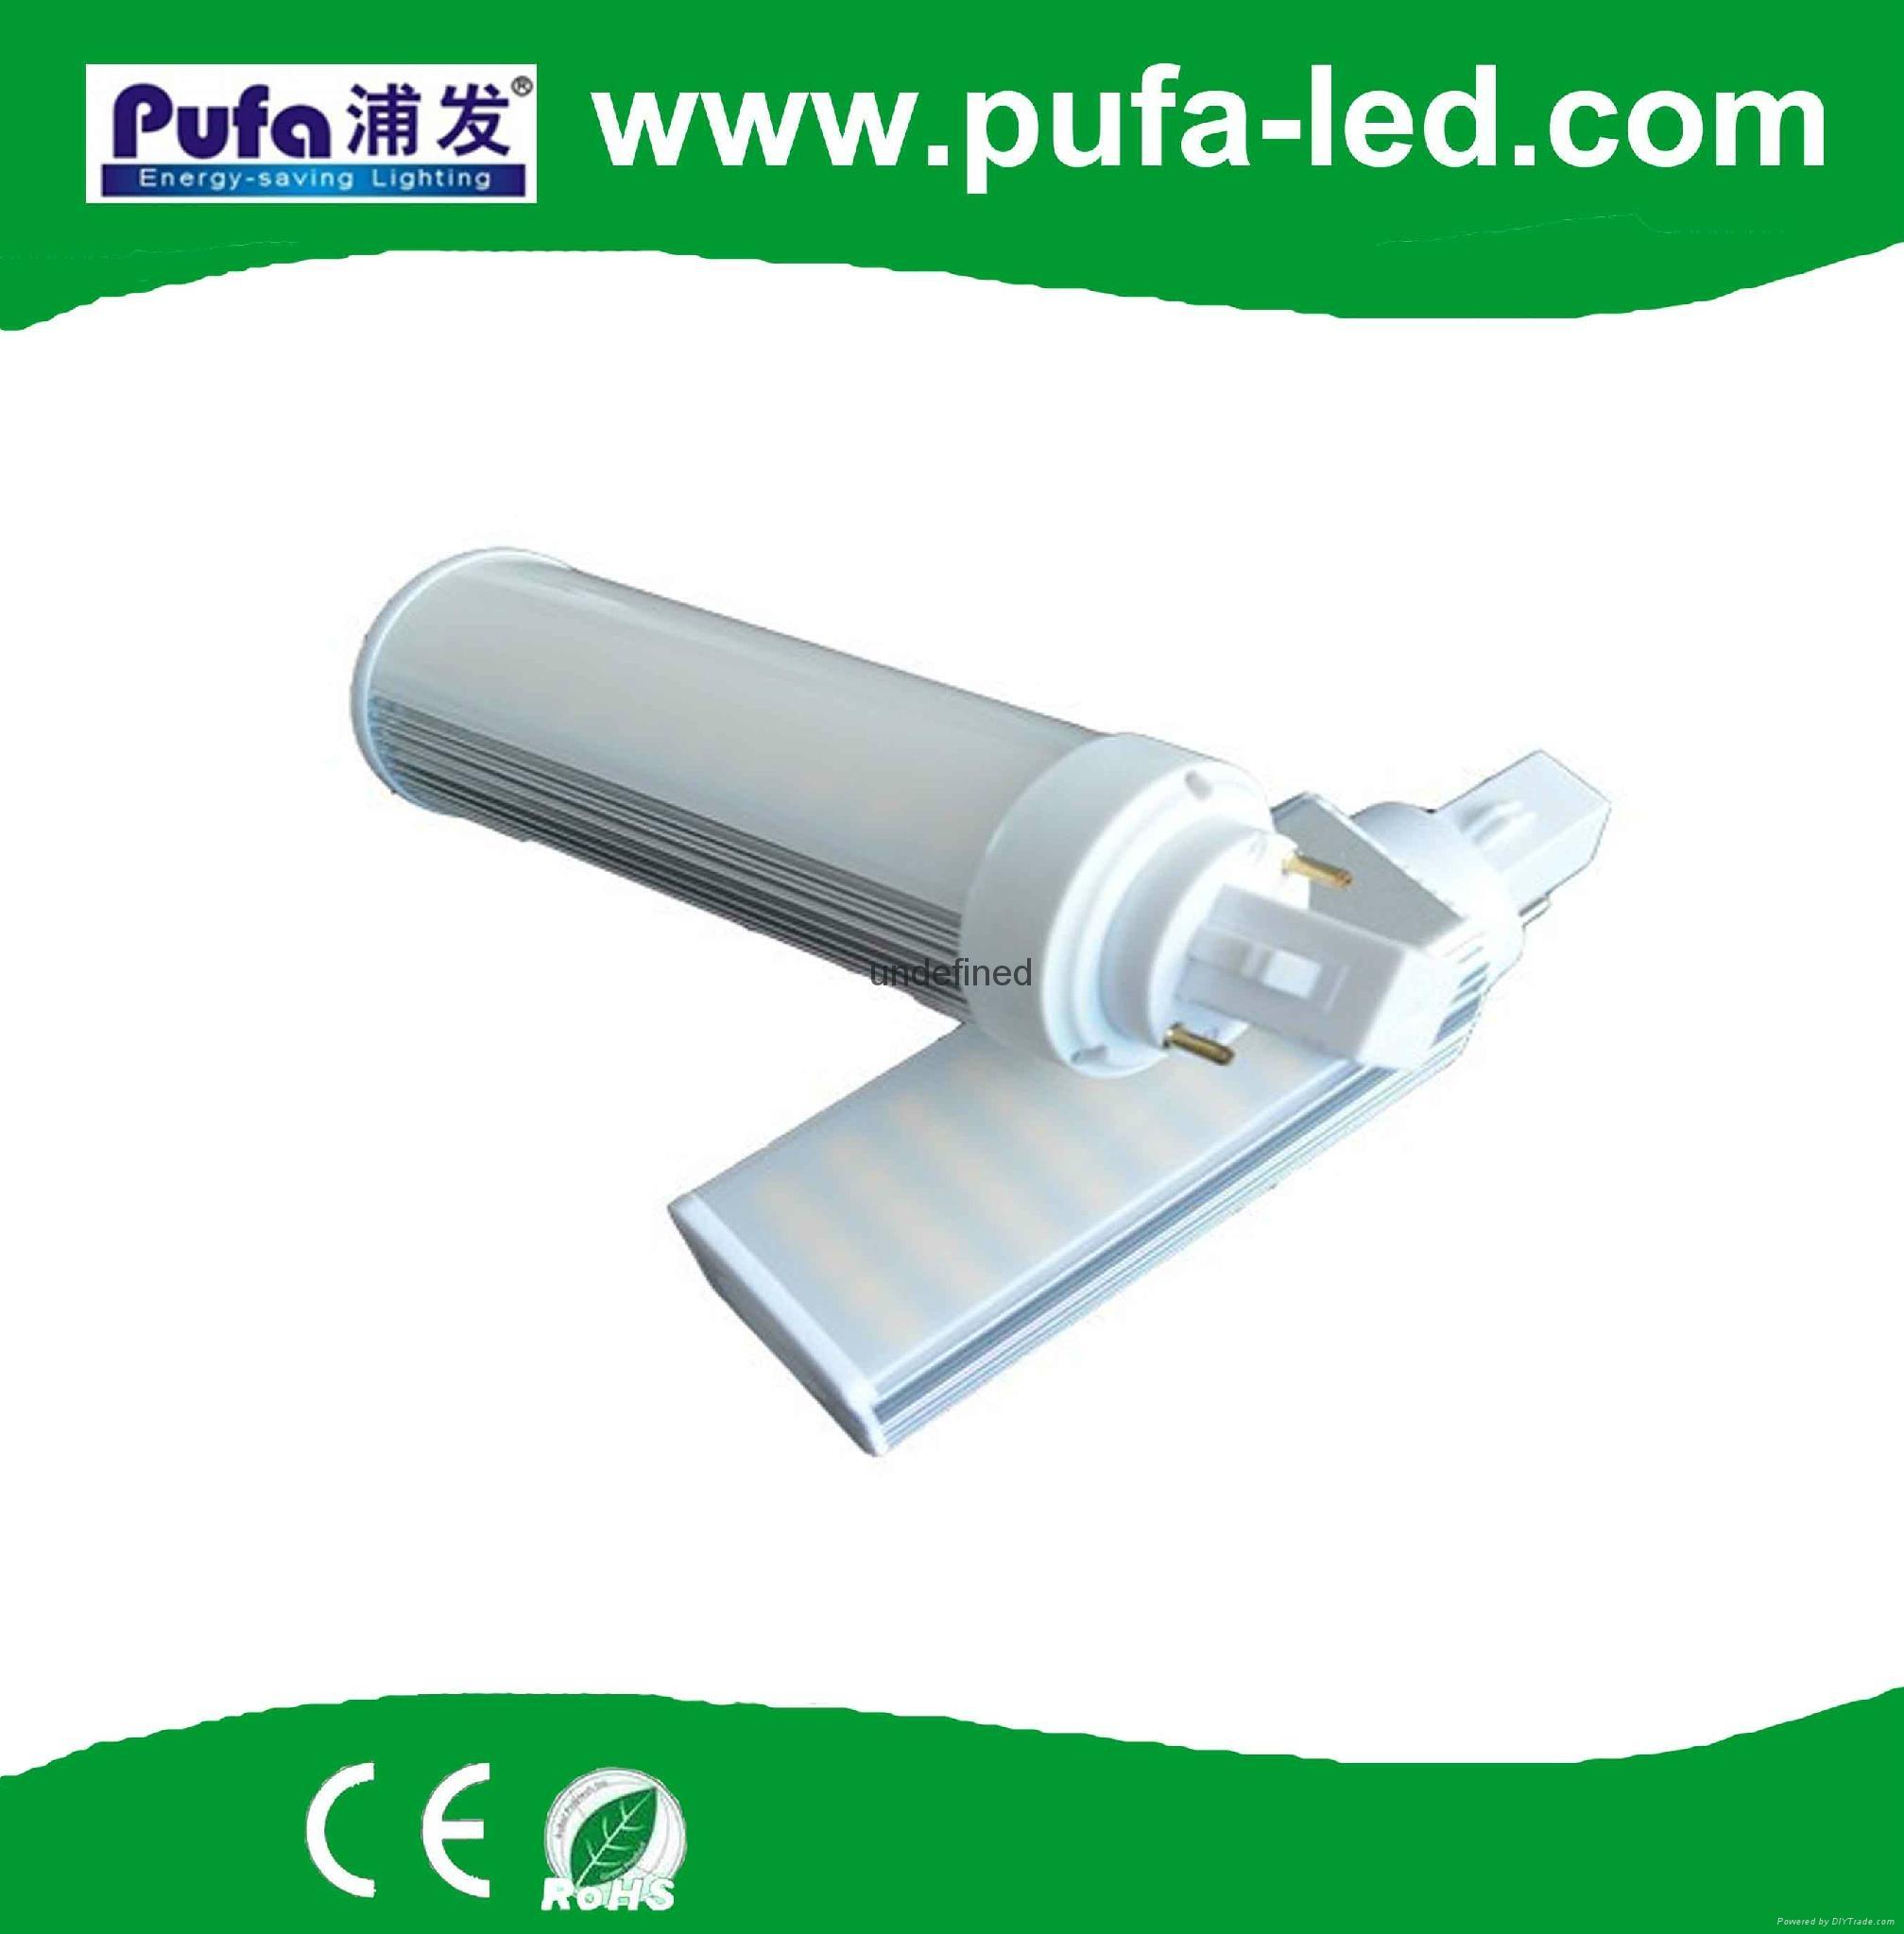 G24 PL LED 插拔灯13w 1